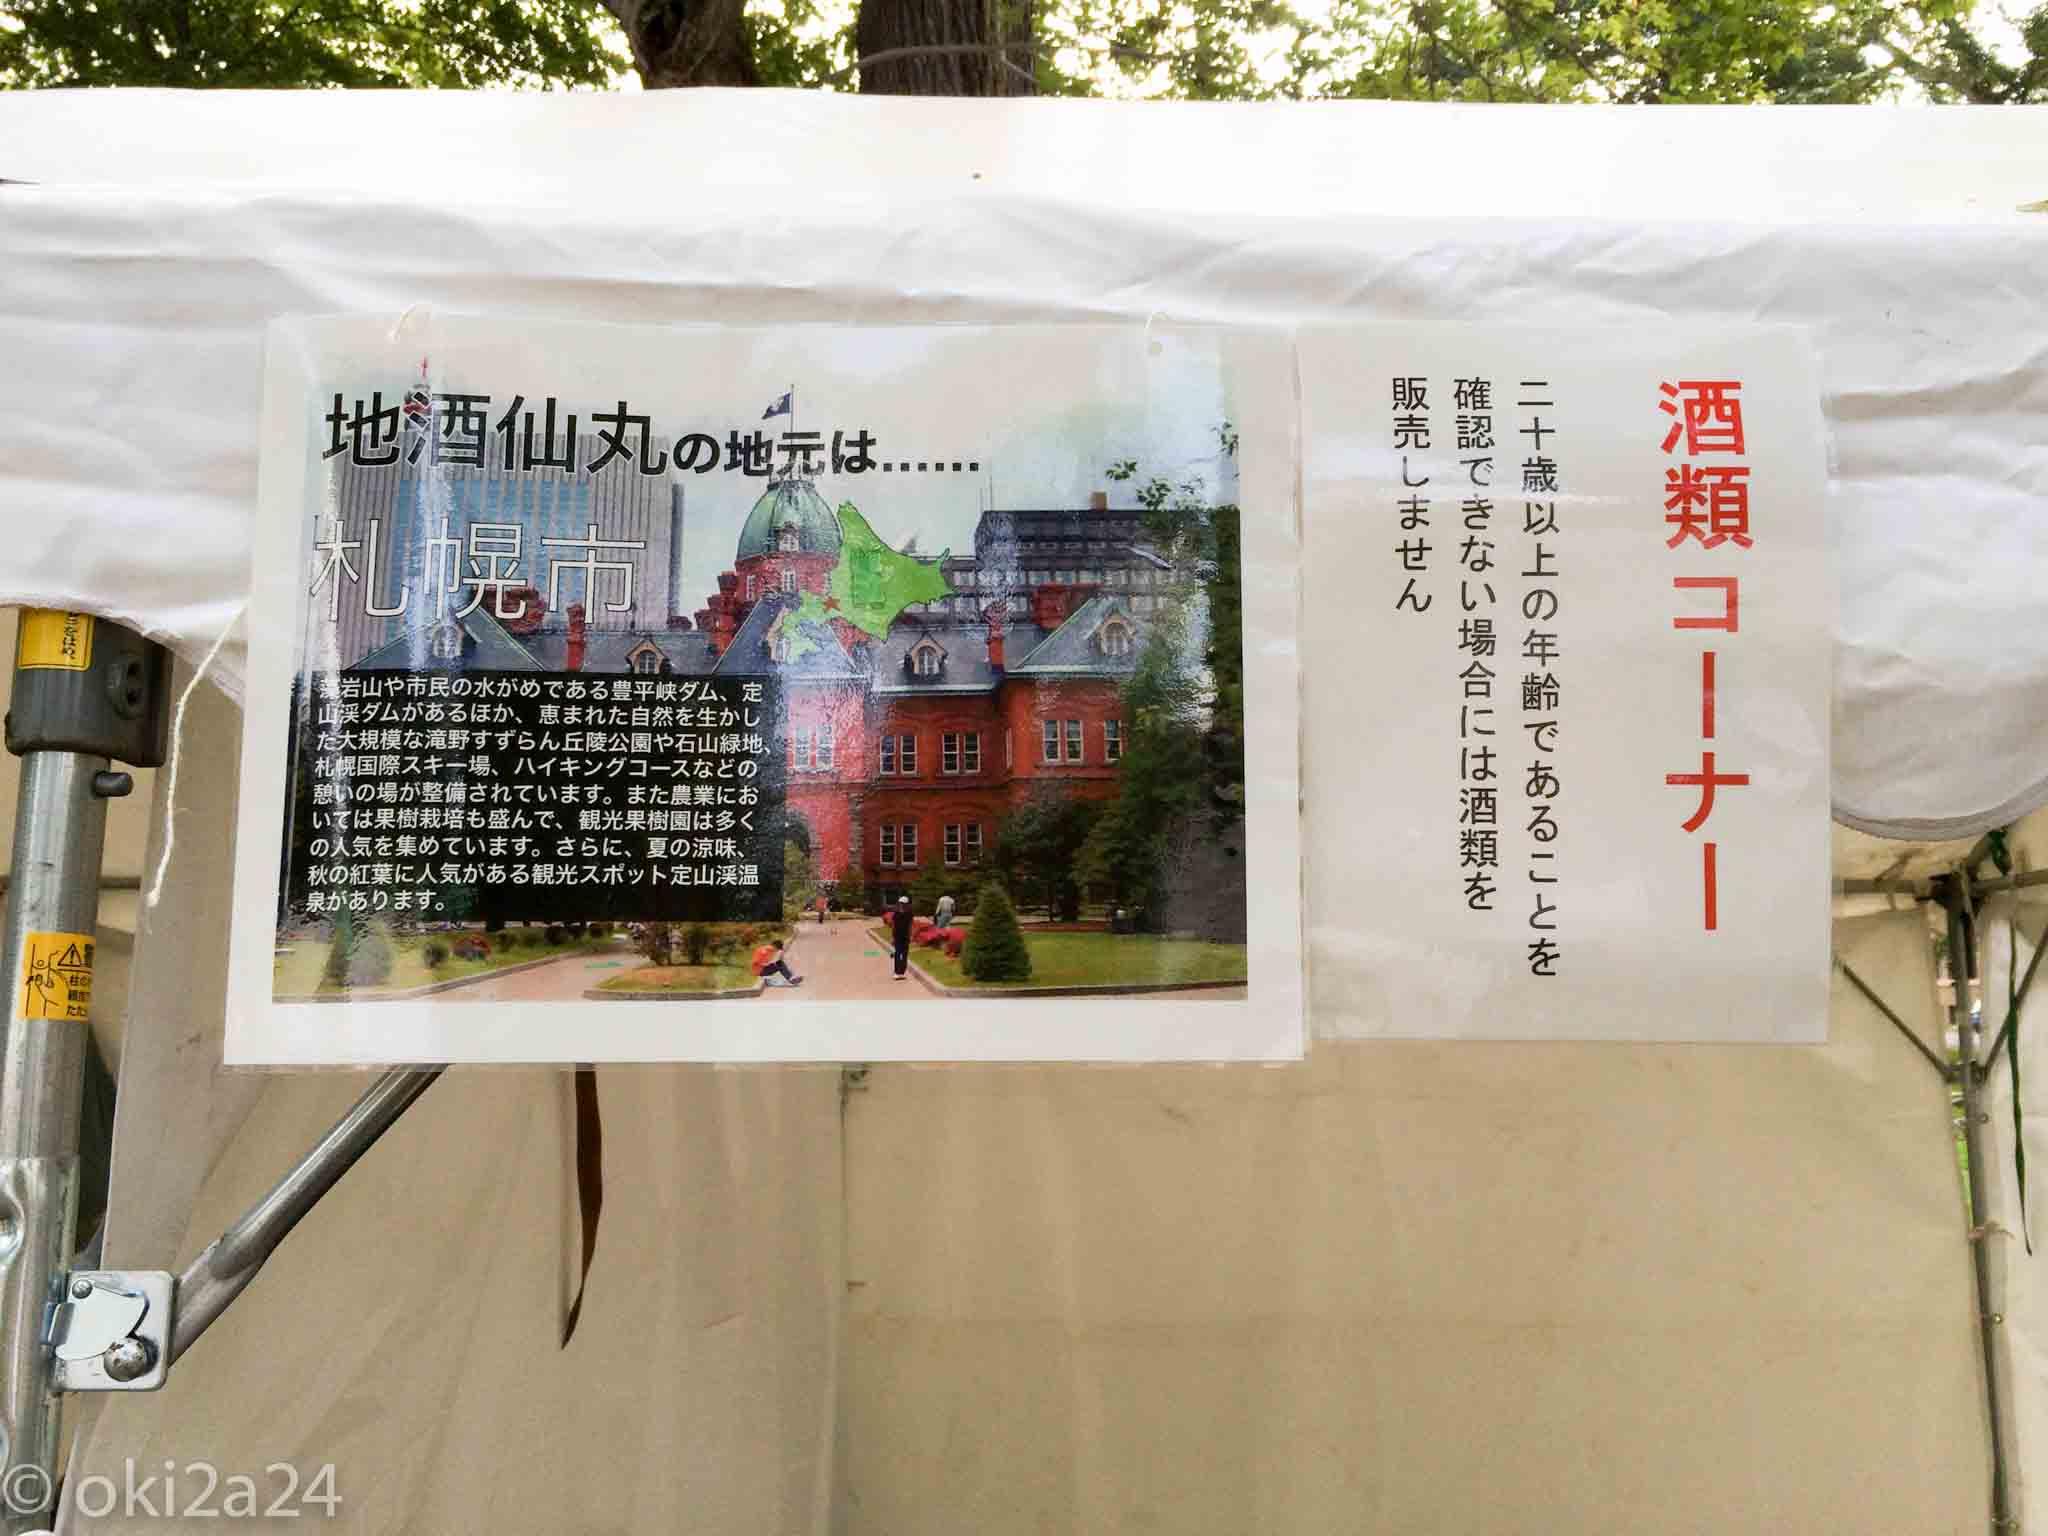 札幌市、地酒仙丸の説明書き。